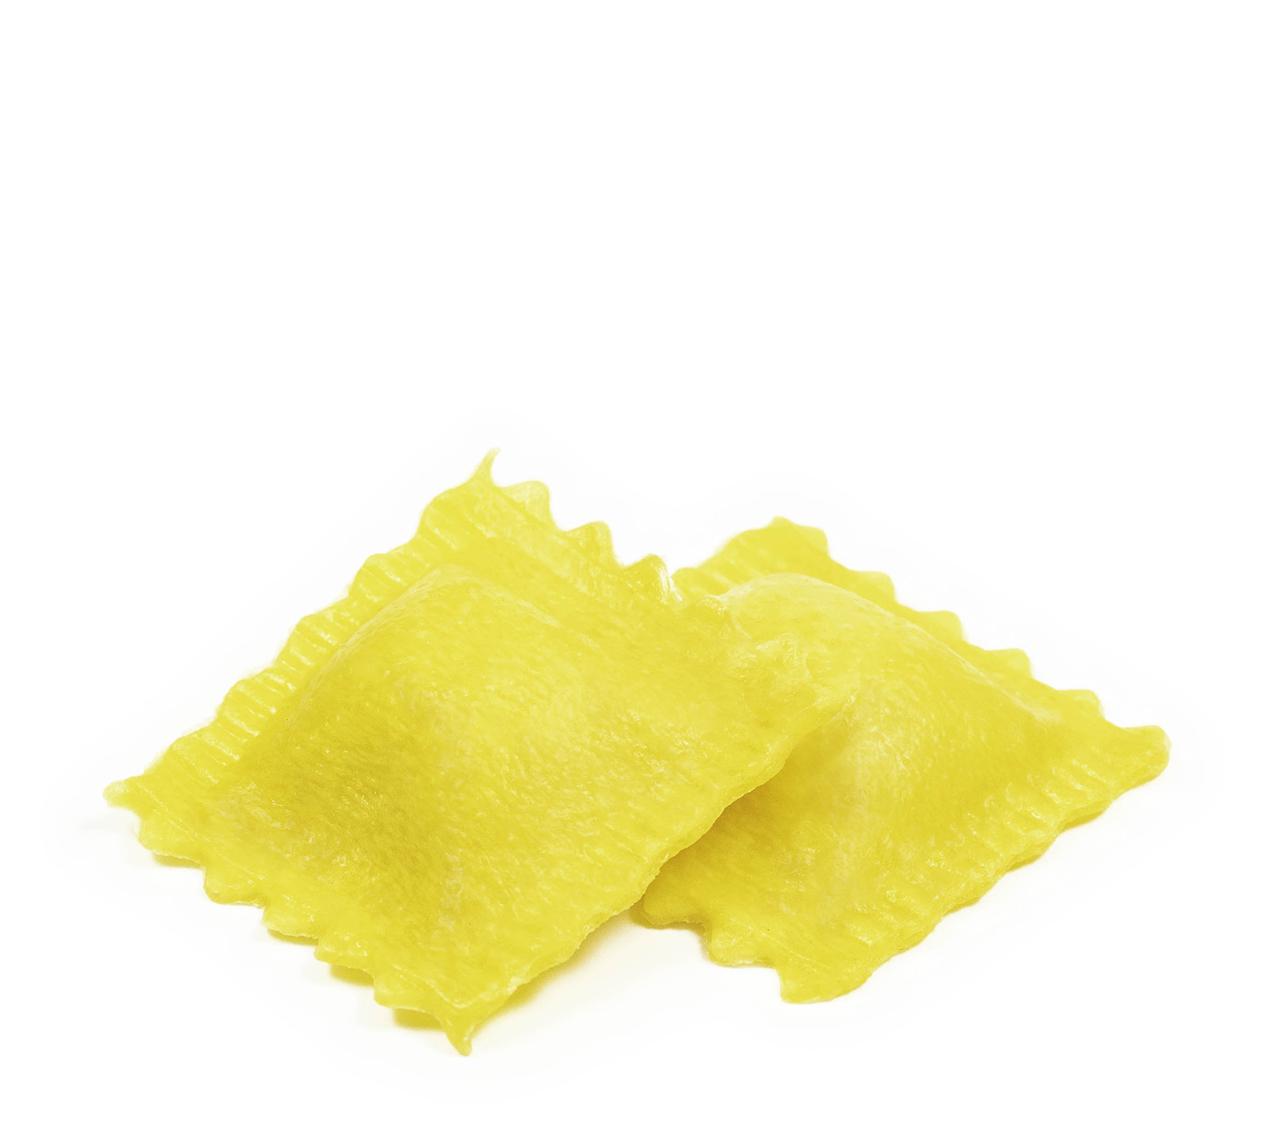 Pastificio_La_Fenice_pasta_fresca_pasta_surgelata_ravioli_al_formaggio_di_fossa